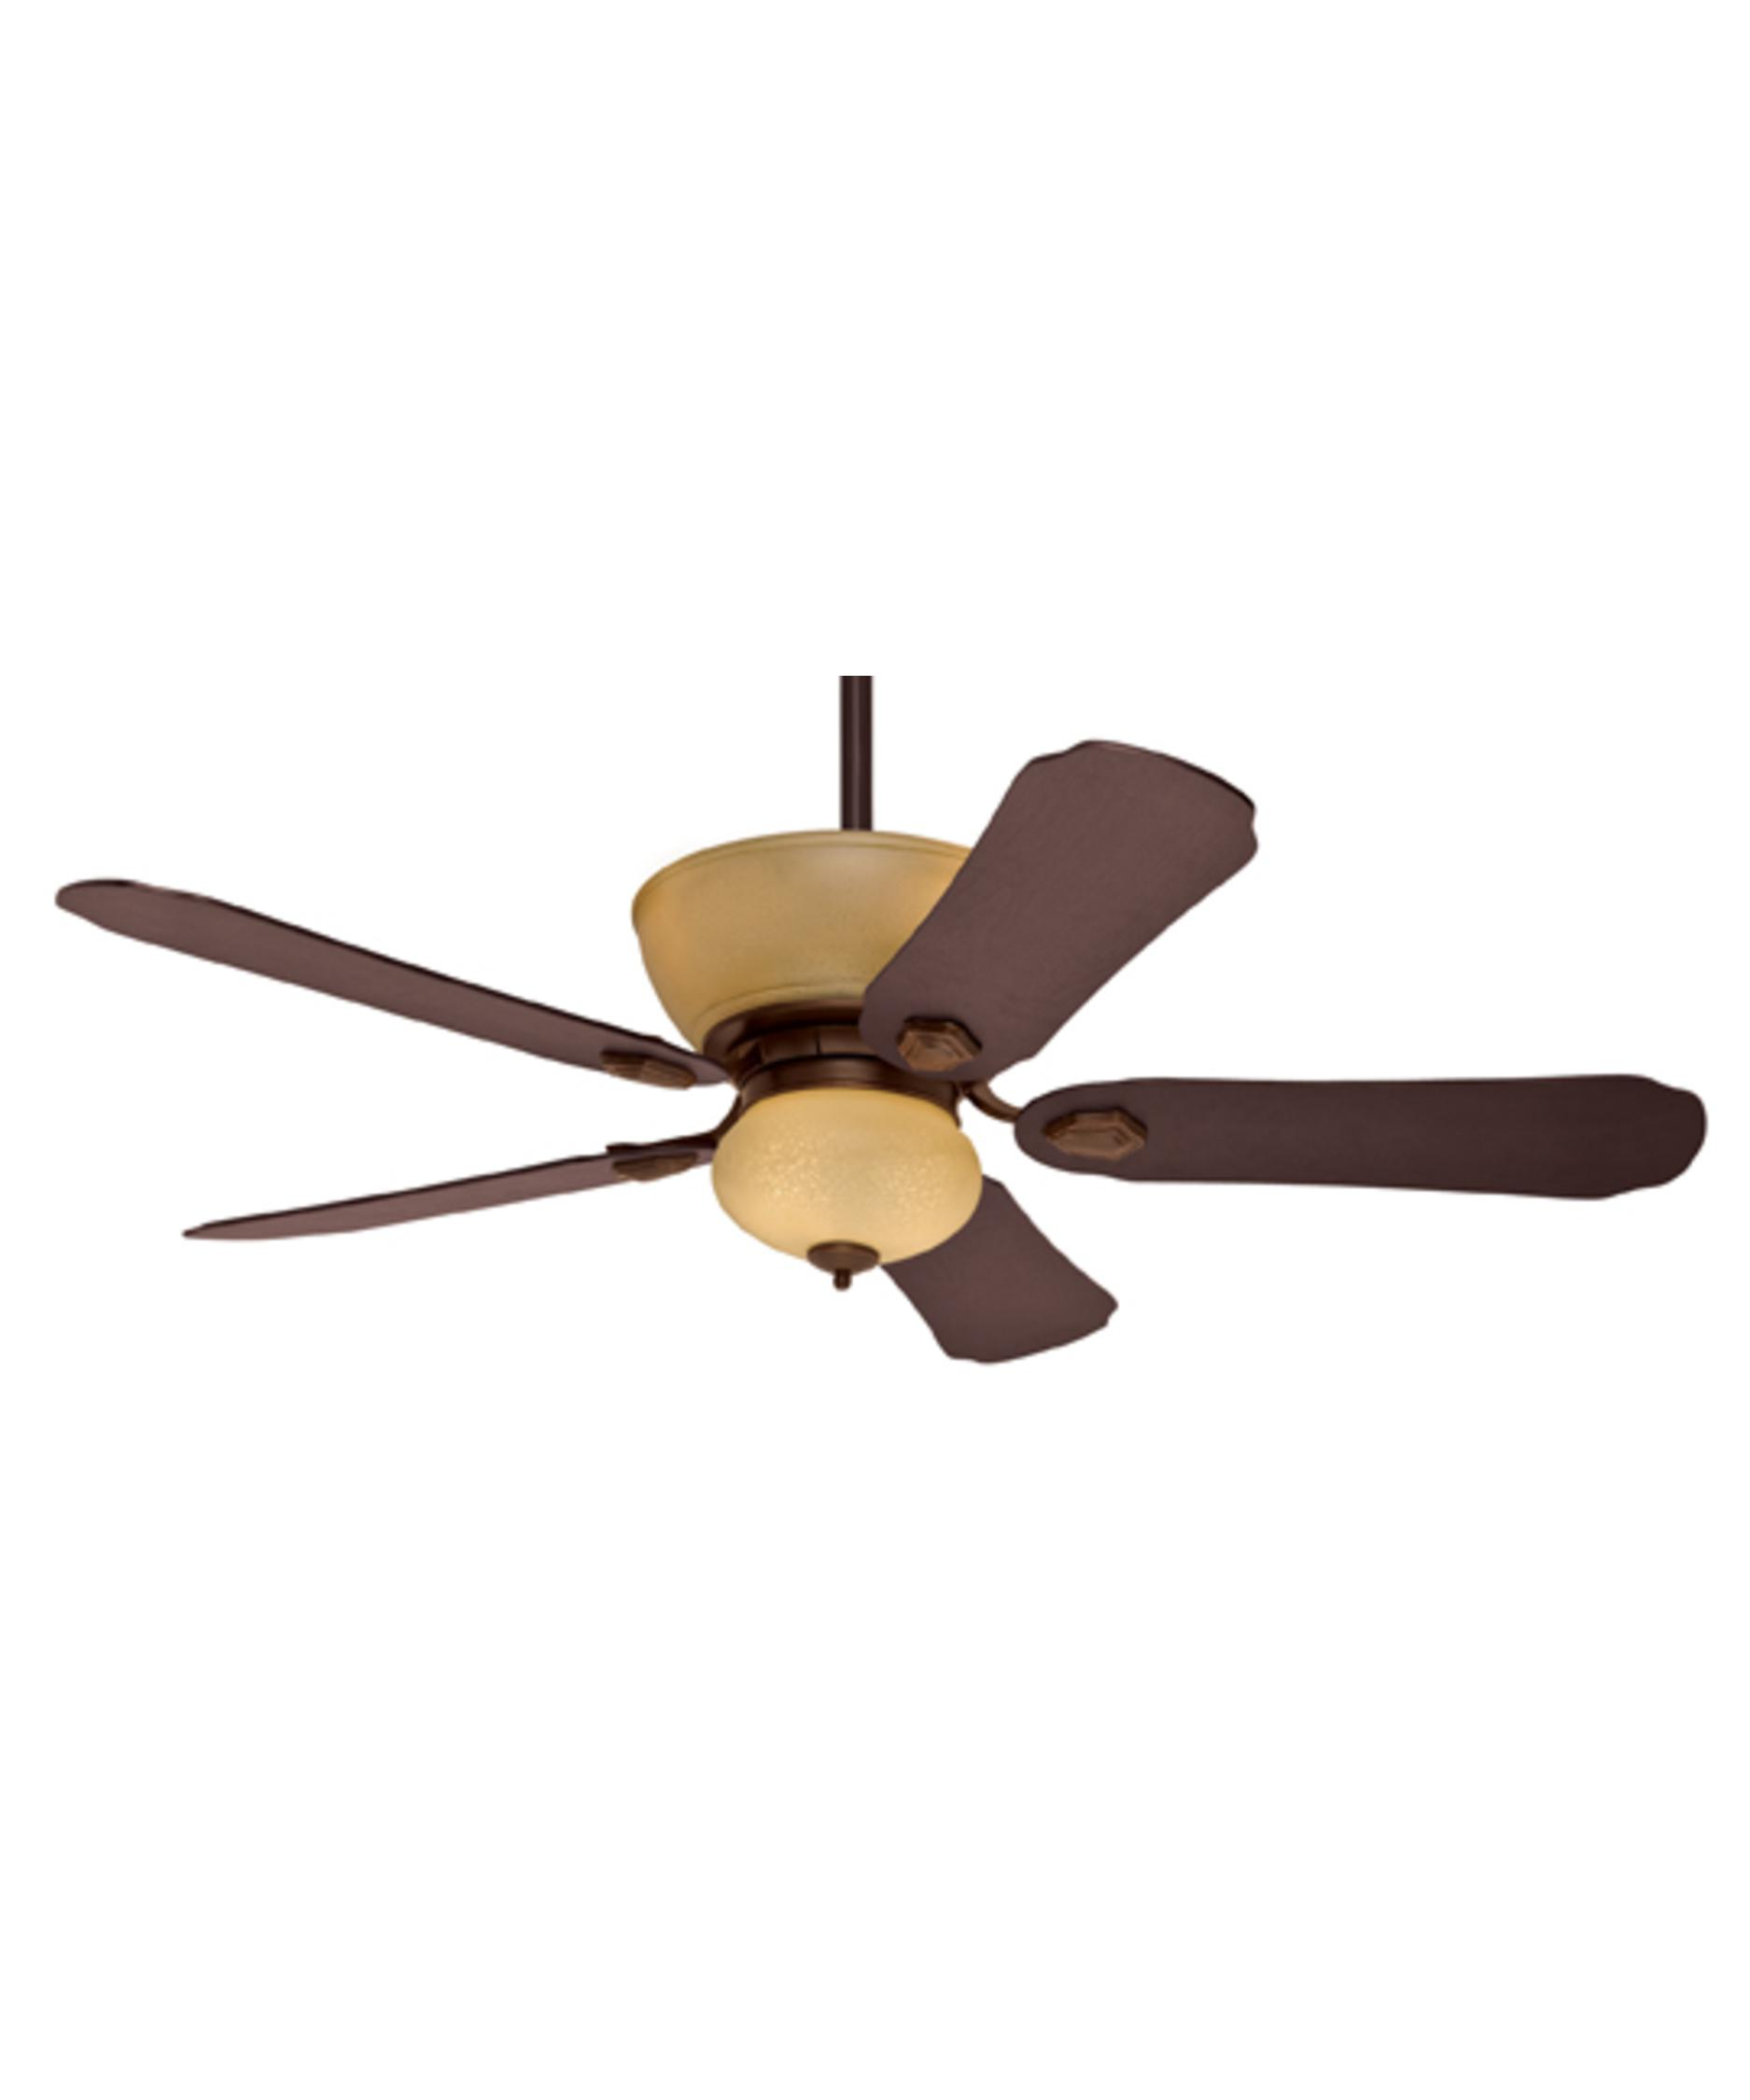 hunter fan 20495 bristol 60 inch ceiling fan with light kit capitol